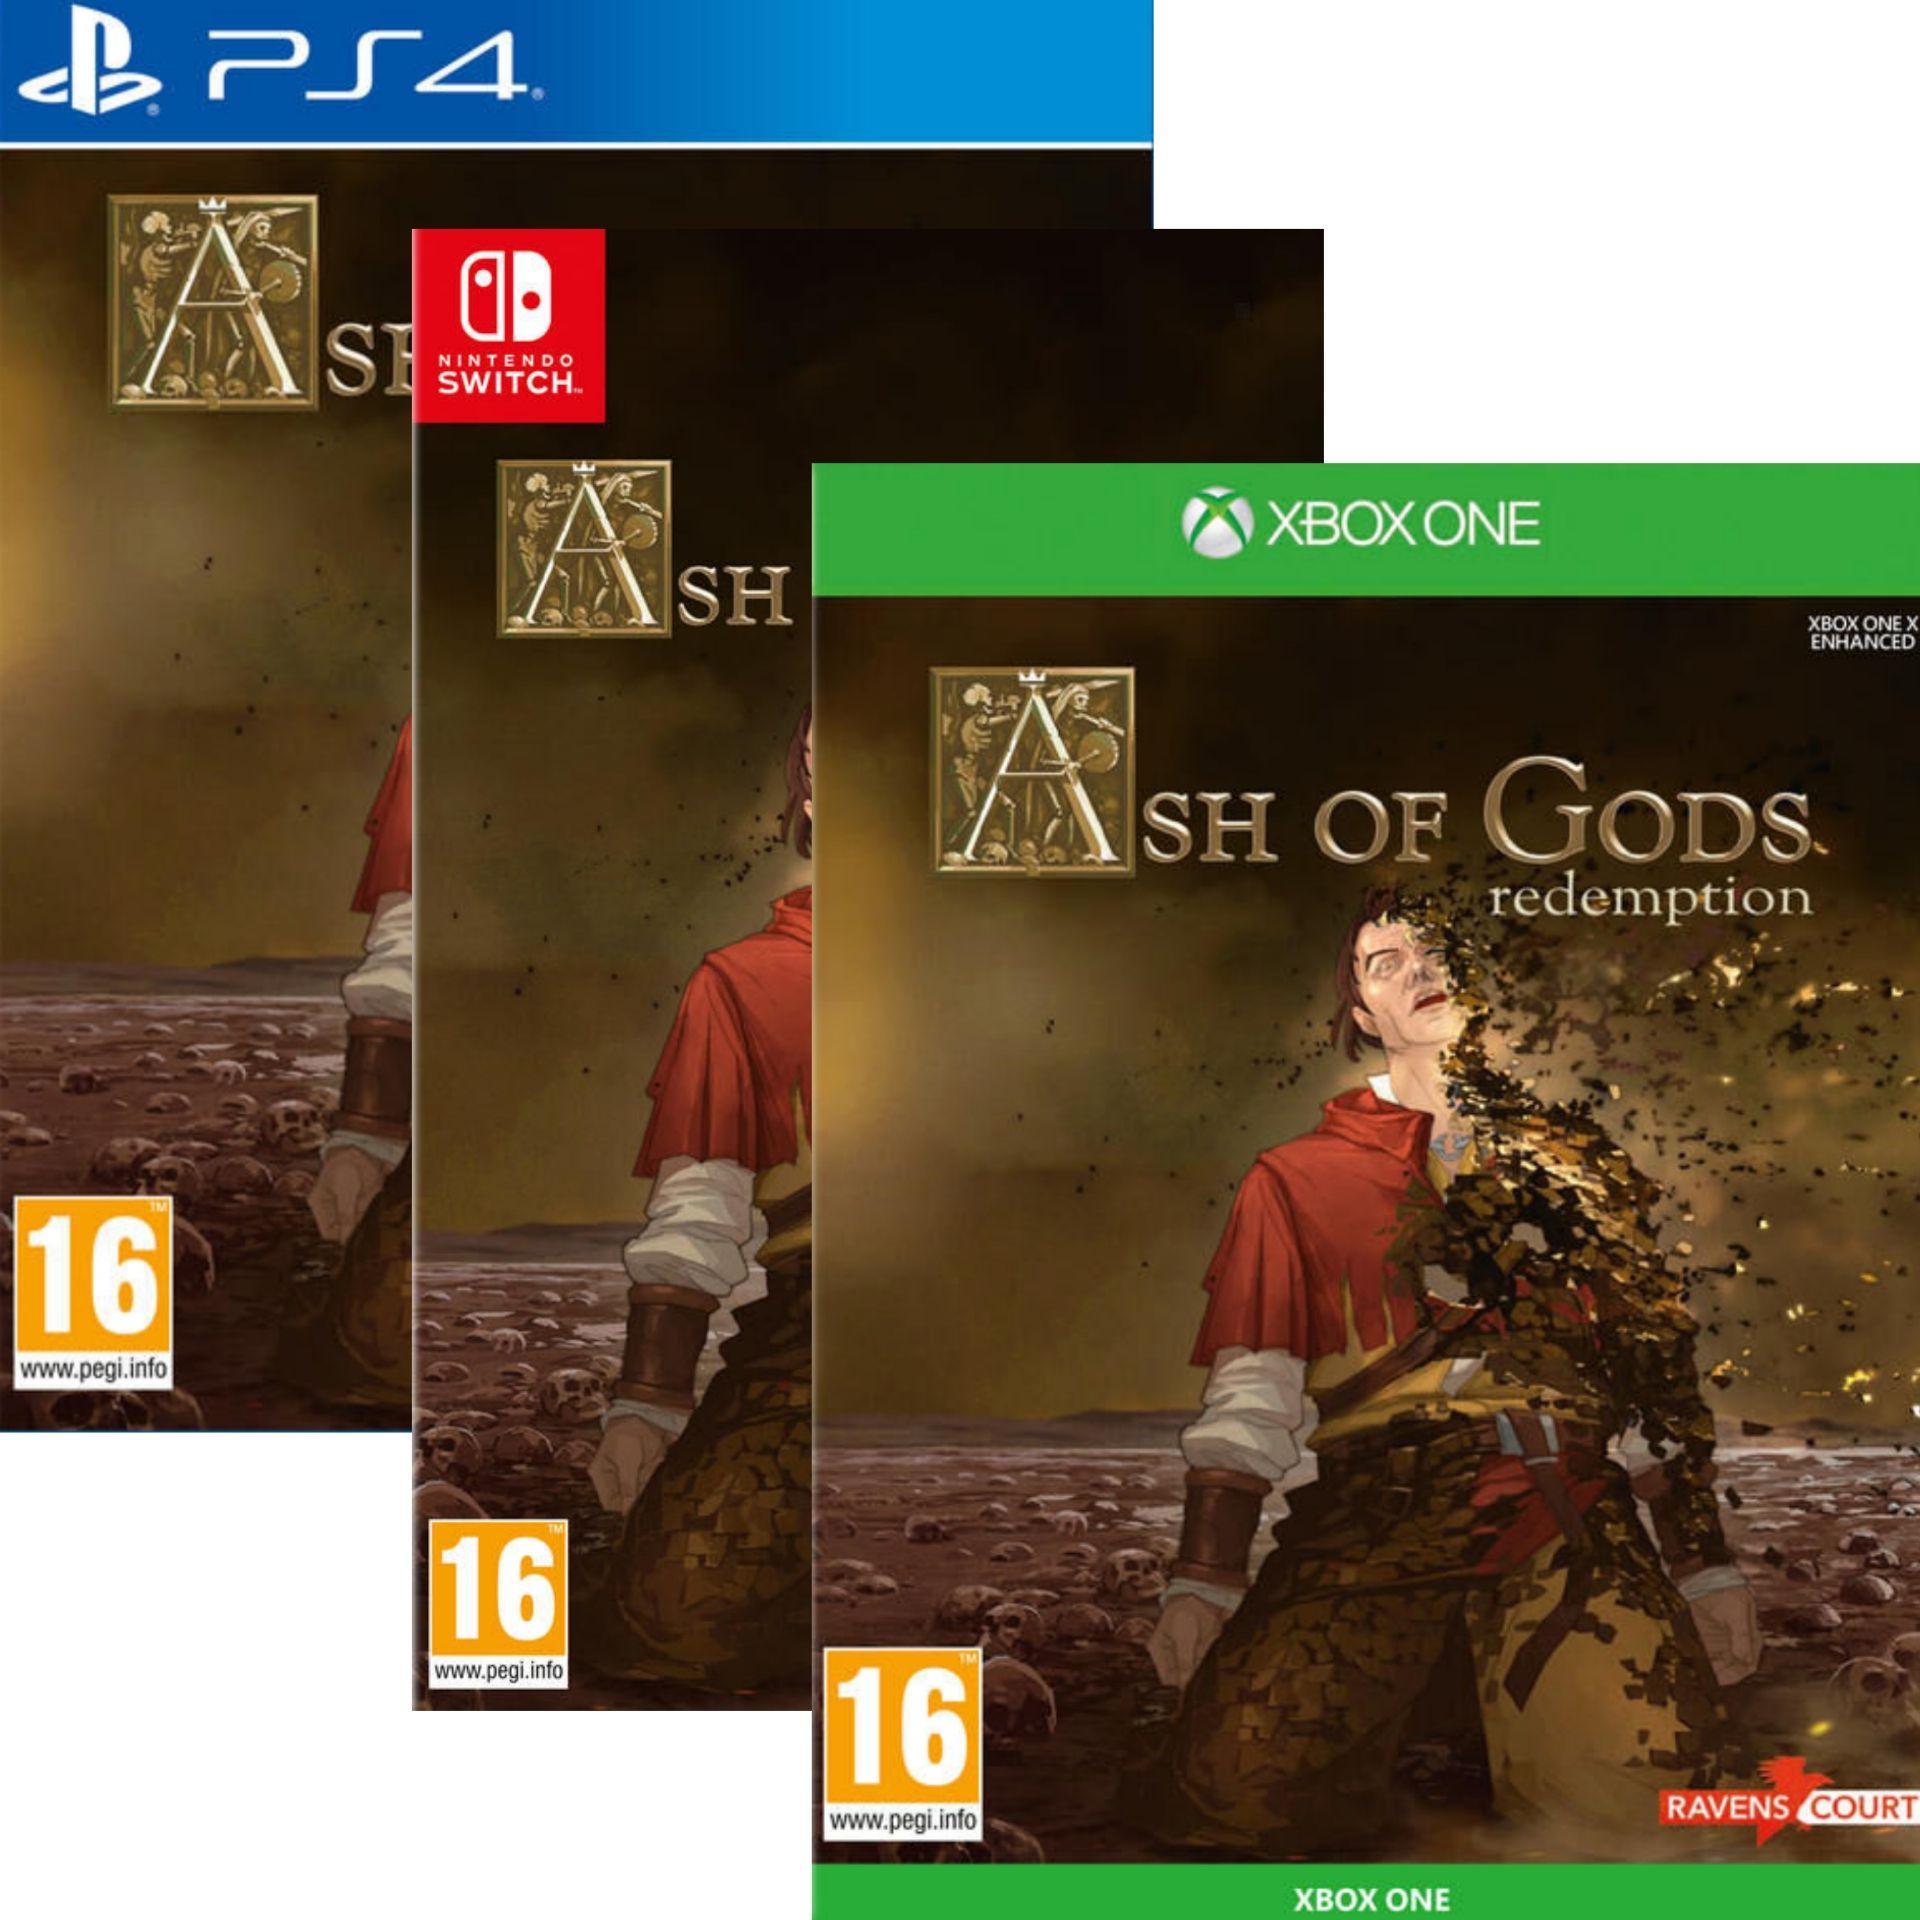 Ash Of Gods Redemption sur Xbox One (Via retrait magasin) - 5.99€ sur PS4 ou Nintendo Switch